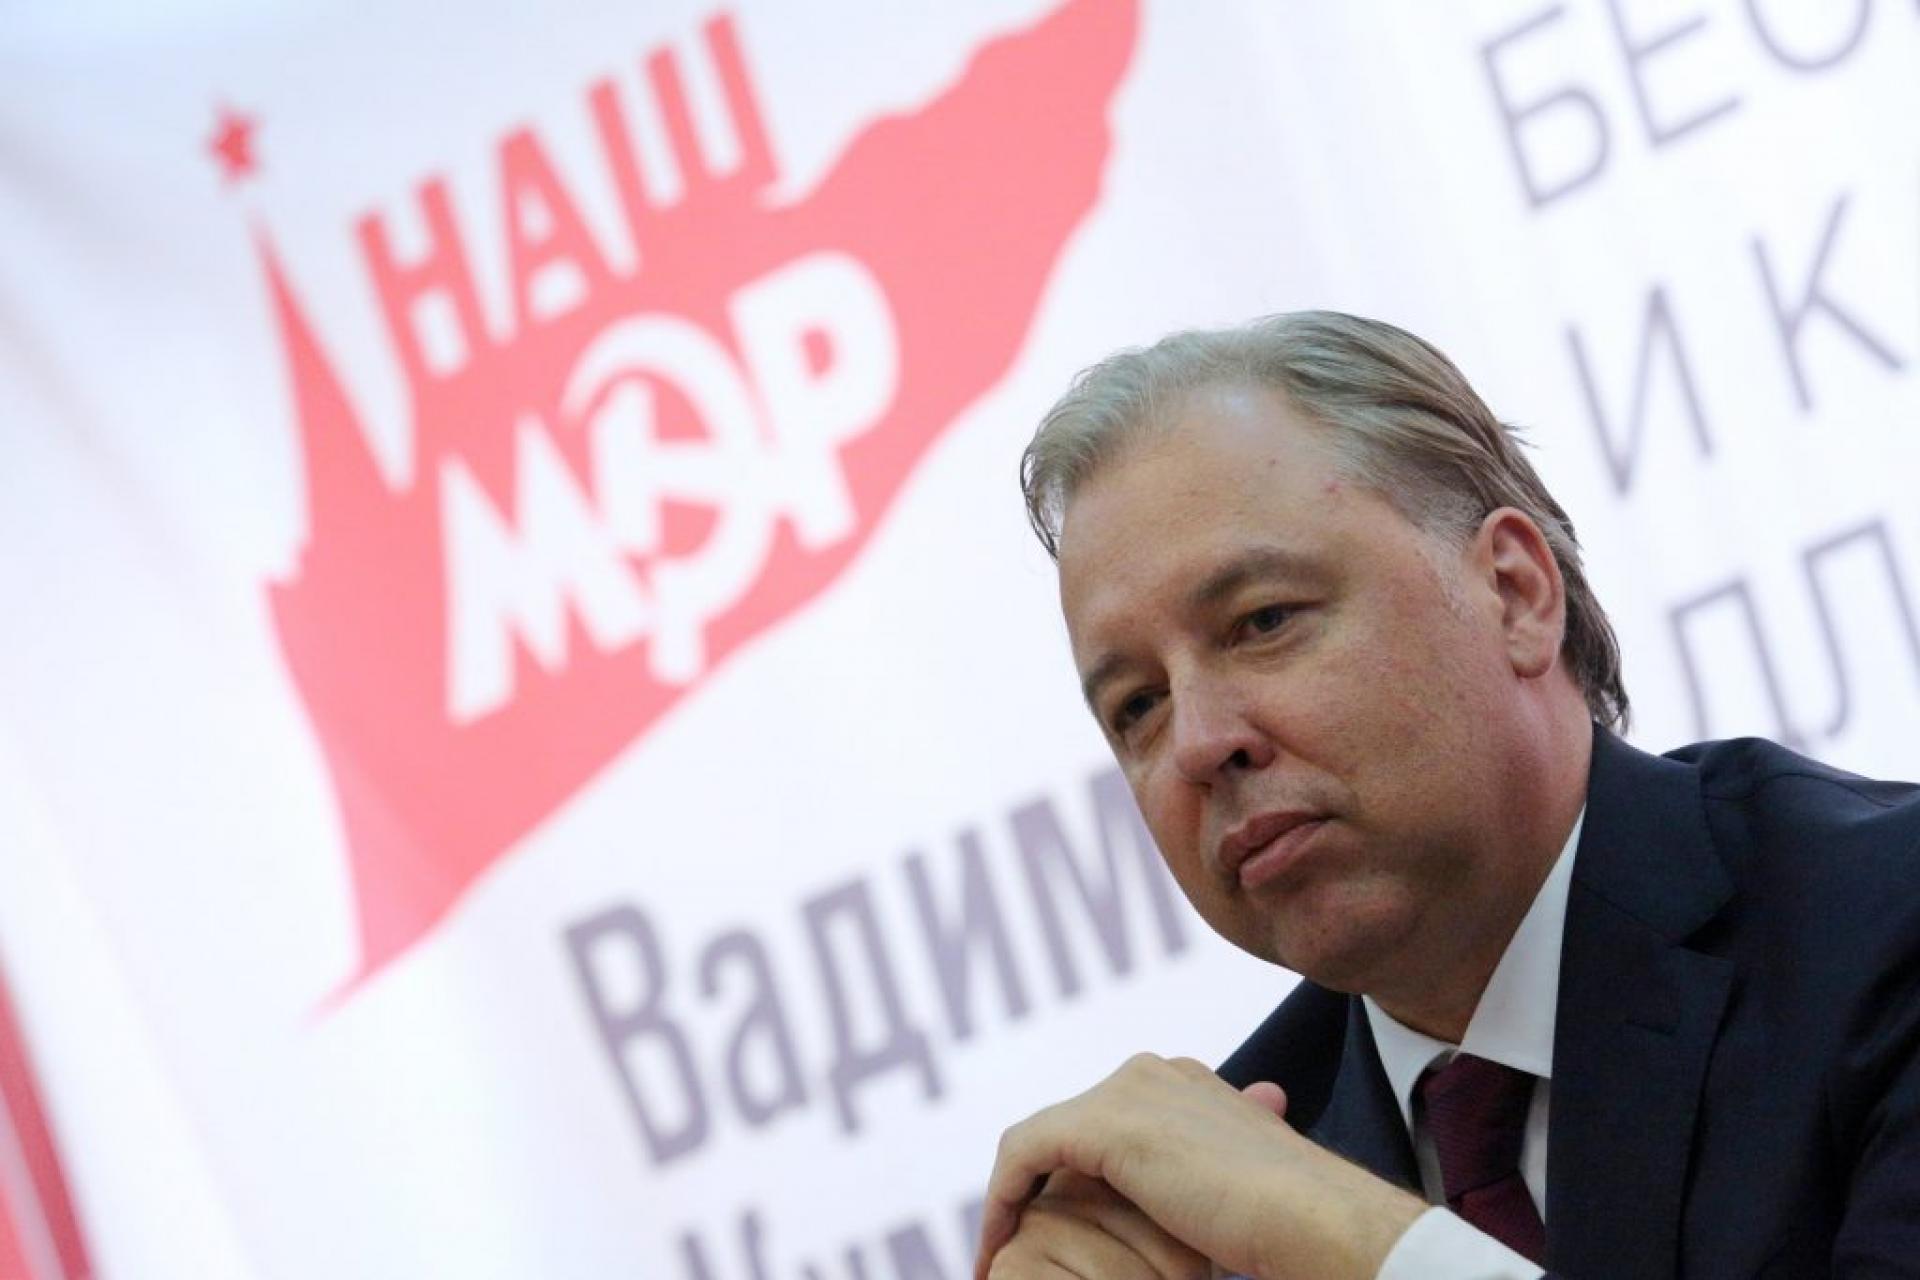 Le communiste Vadim Kumin (KPRF) remporte 11,44% des voix pour l'élection municipale à Moscou